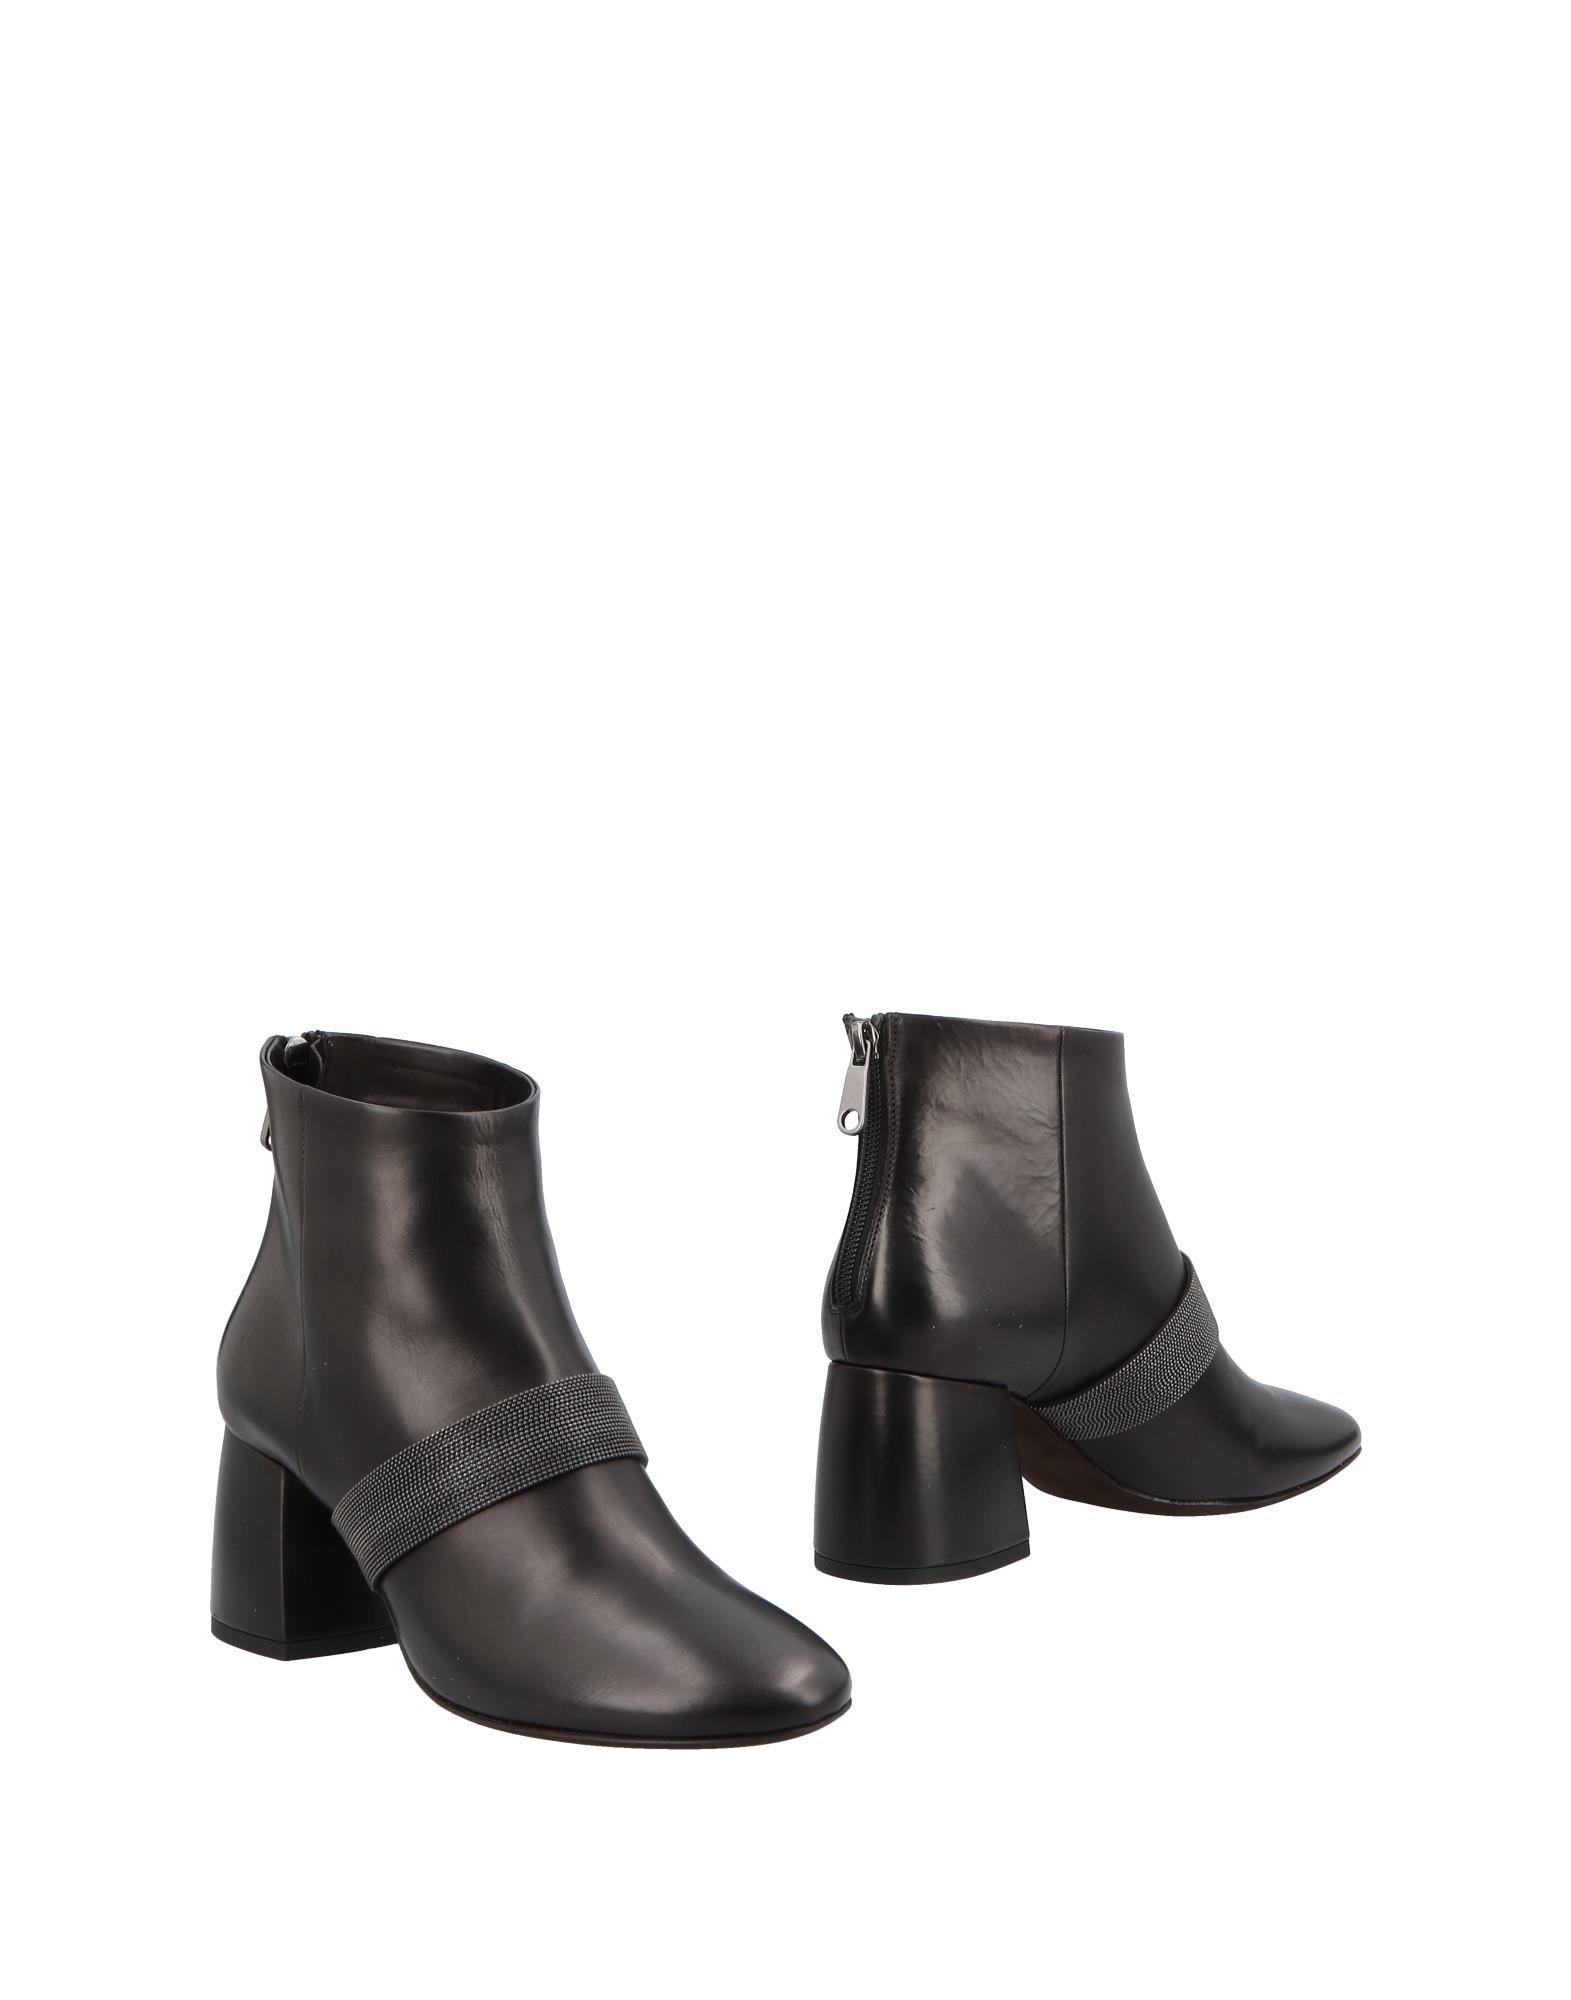 Bottine Brunello Cucinelli Femme - Bottines Brunello Cucinelli Noir Dernières chaussures discount pour hommes et femmes